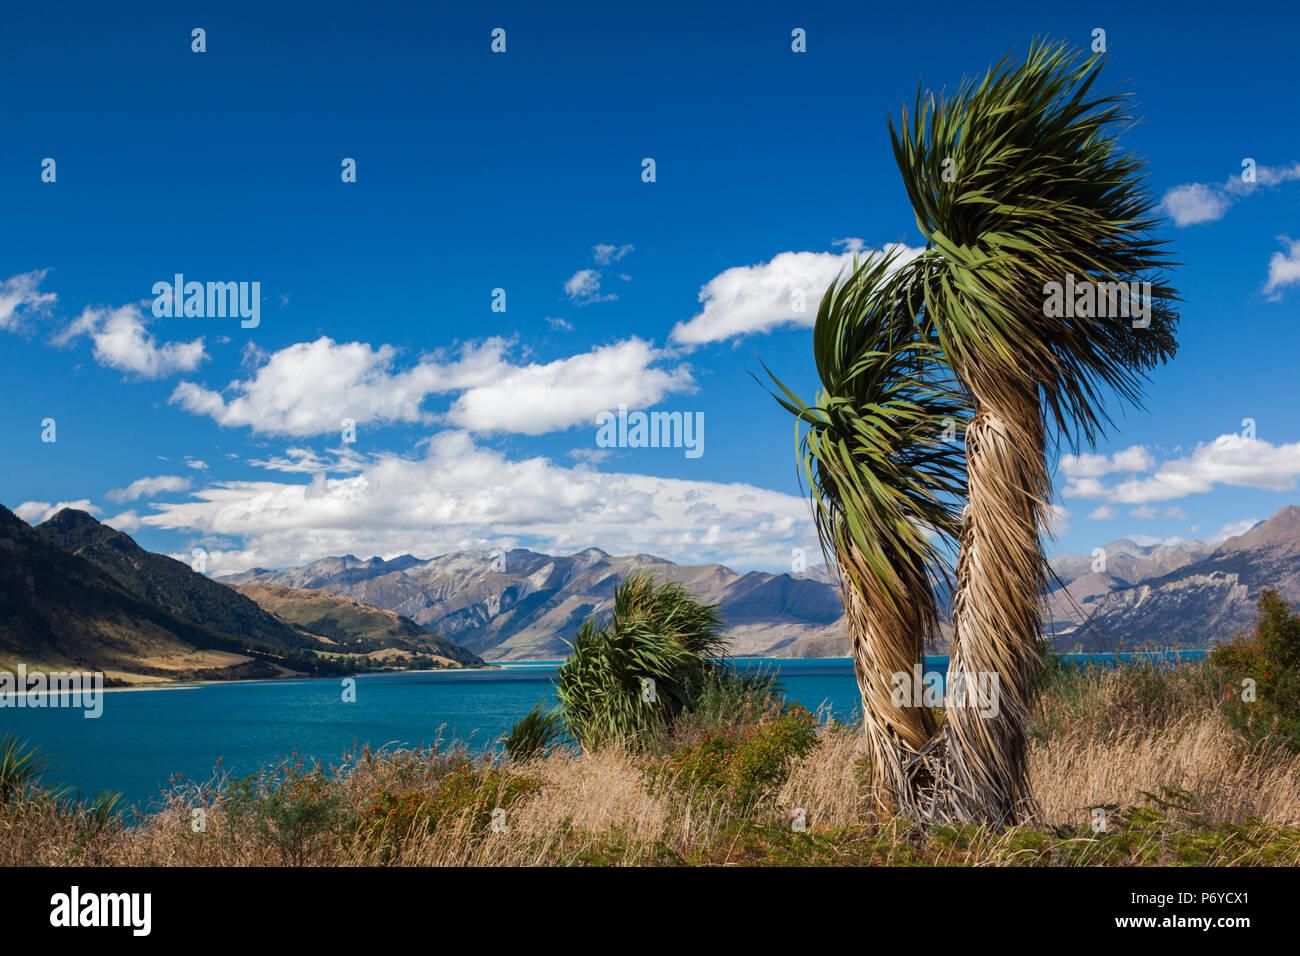 Nueva zelanda otago, Isla del Sur, la zona, Wanaka, Lago Hawea Foto de stock